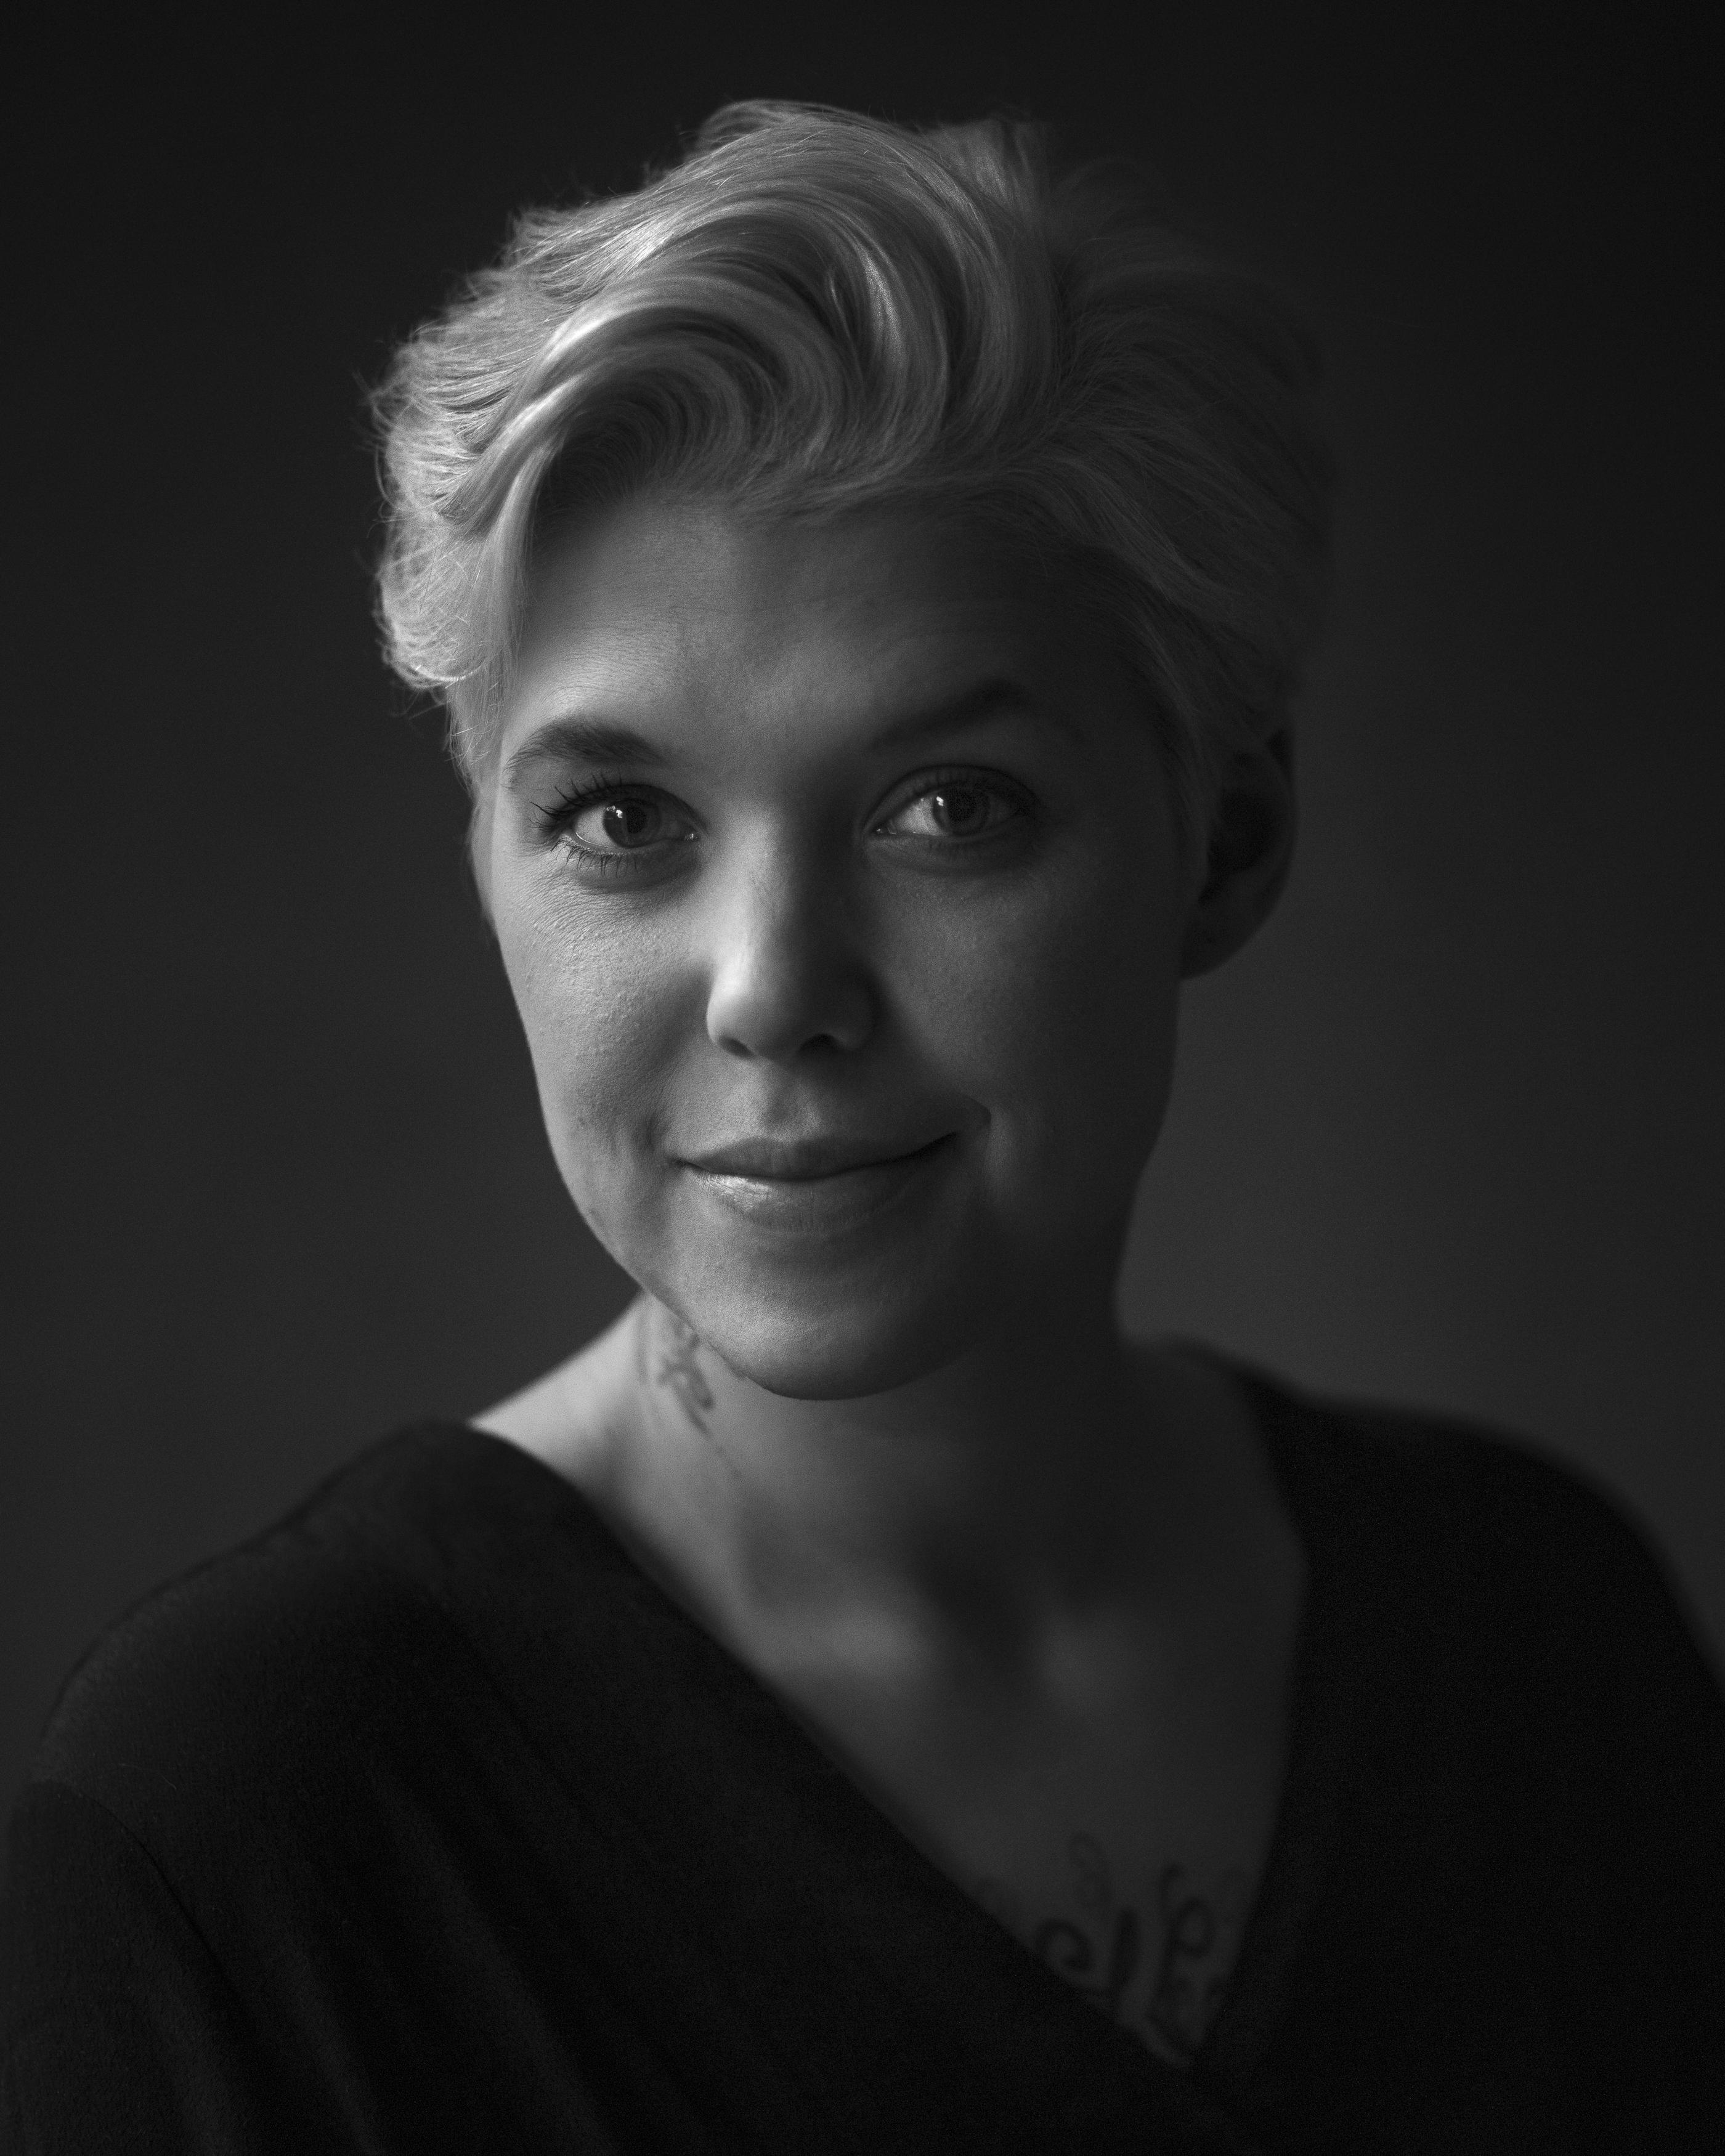 Marianne Clementine Håheim